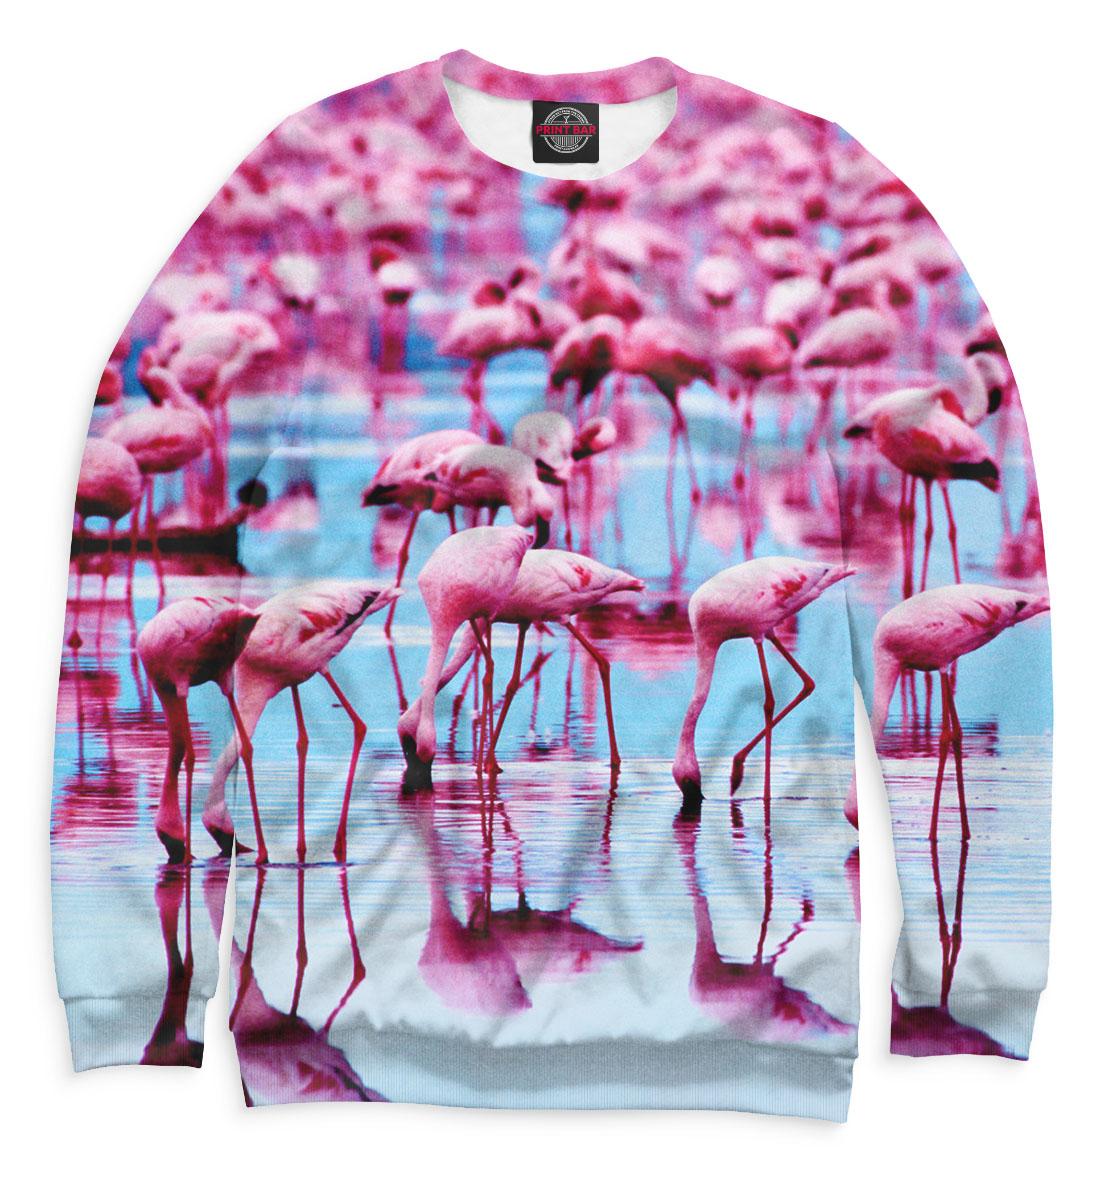 Купить Розовые фламинго, Printbar, Свитшоты, PTI-114732-swi-1